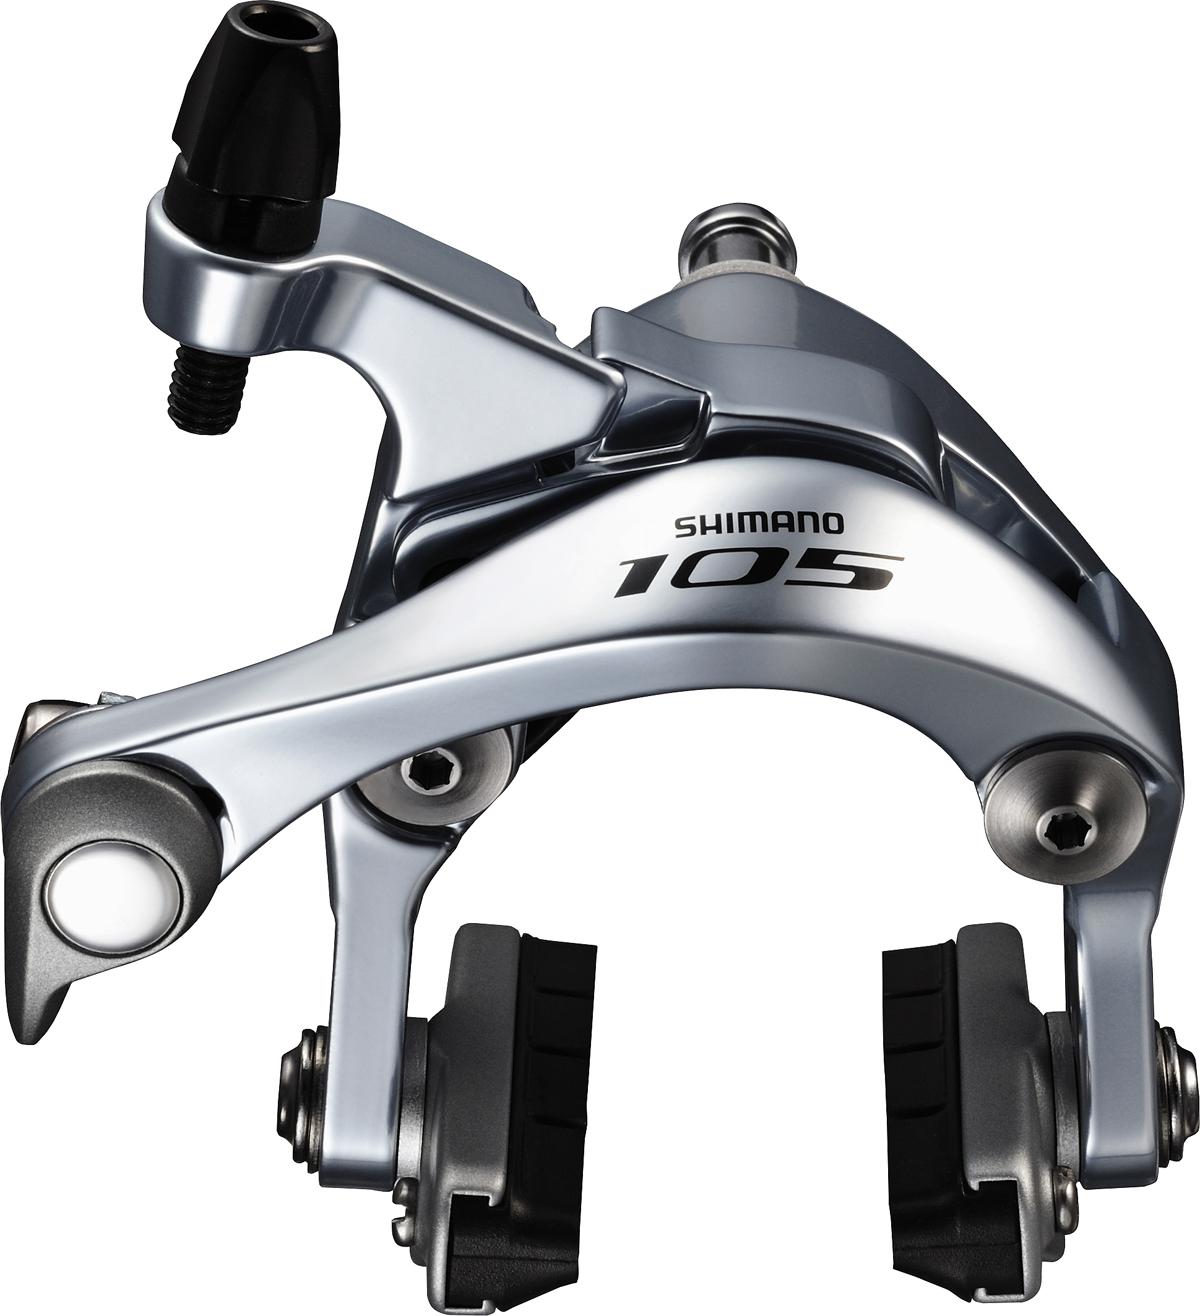 Shimano brzda 105 BR-5800 silniční přední R55C4 stříbrná šr:10,5/12,5/18/27/32 mm bal